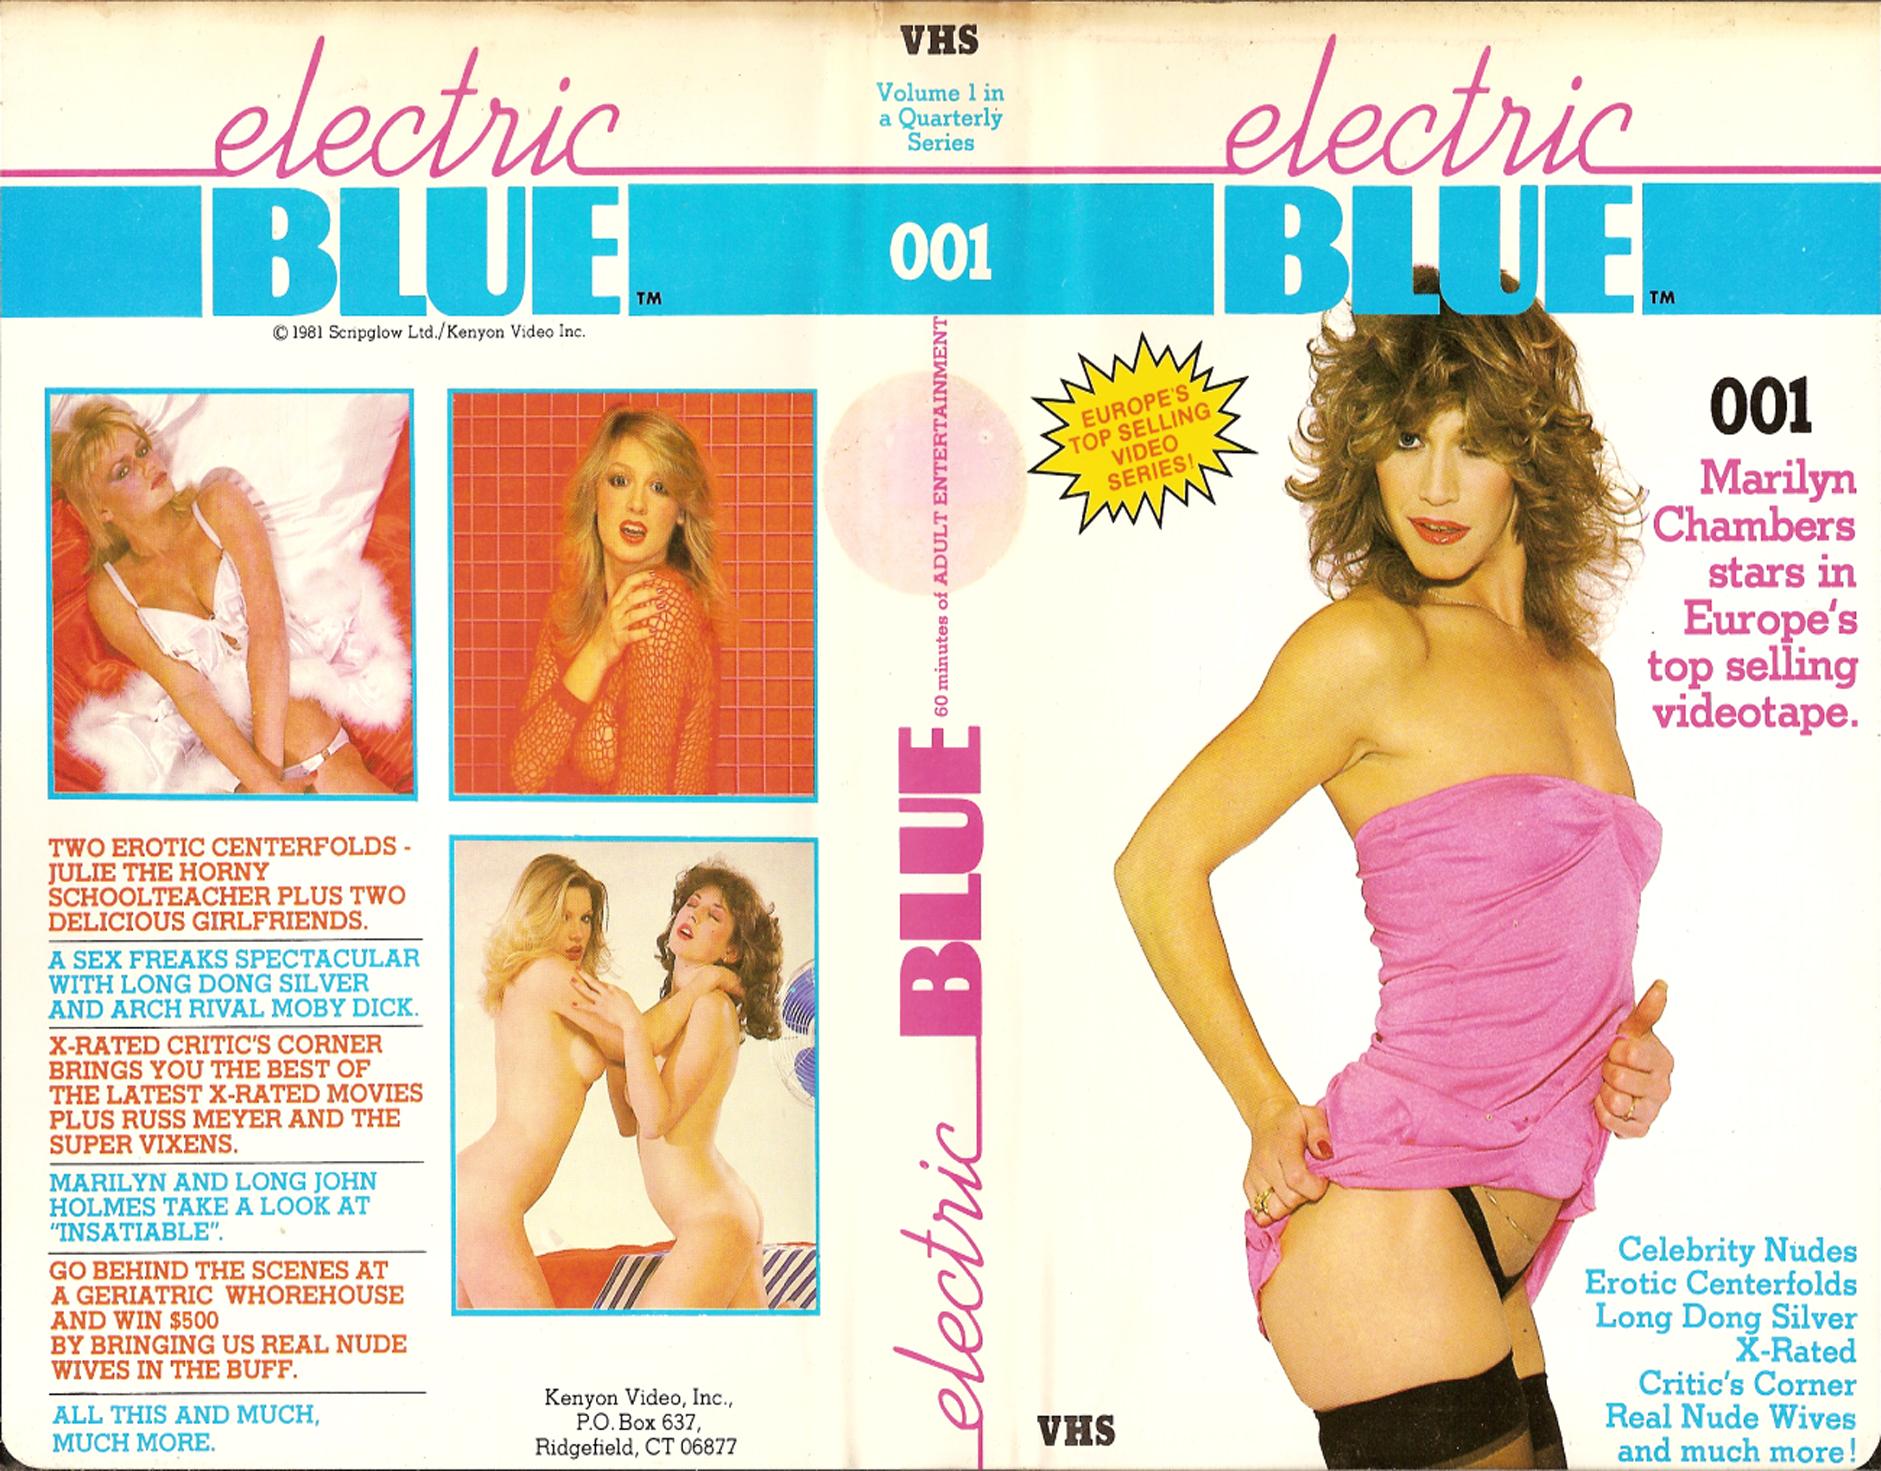 Электрик блю фото эротический журнал